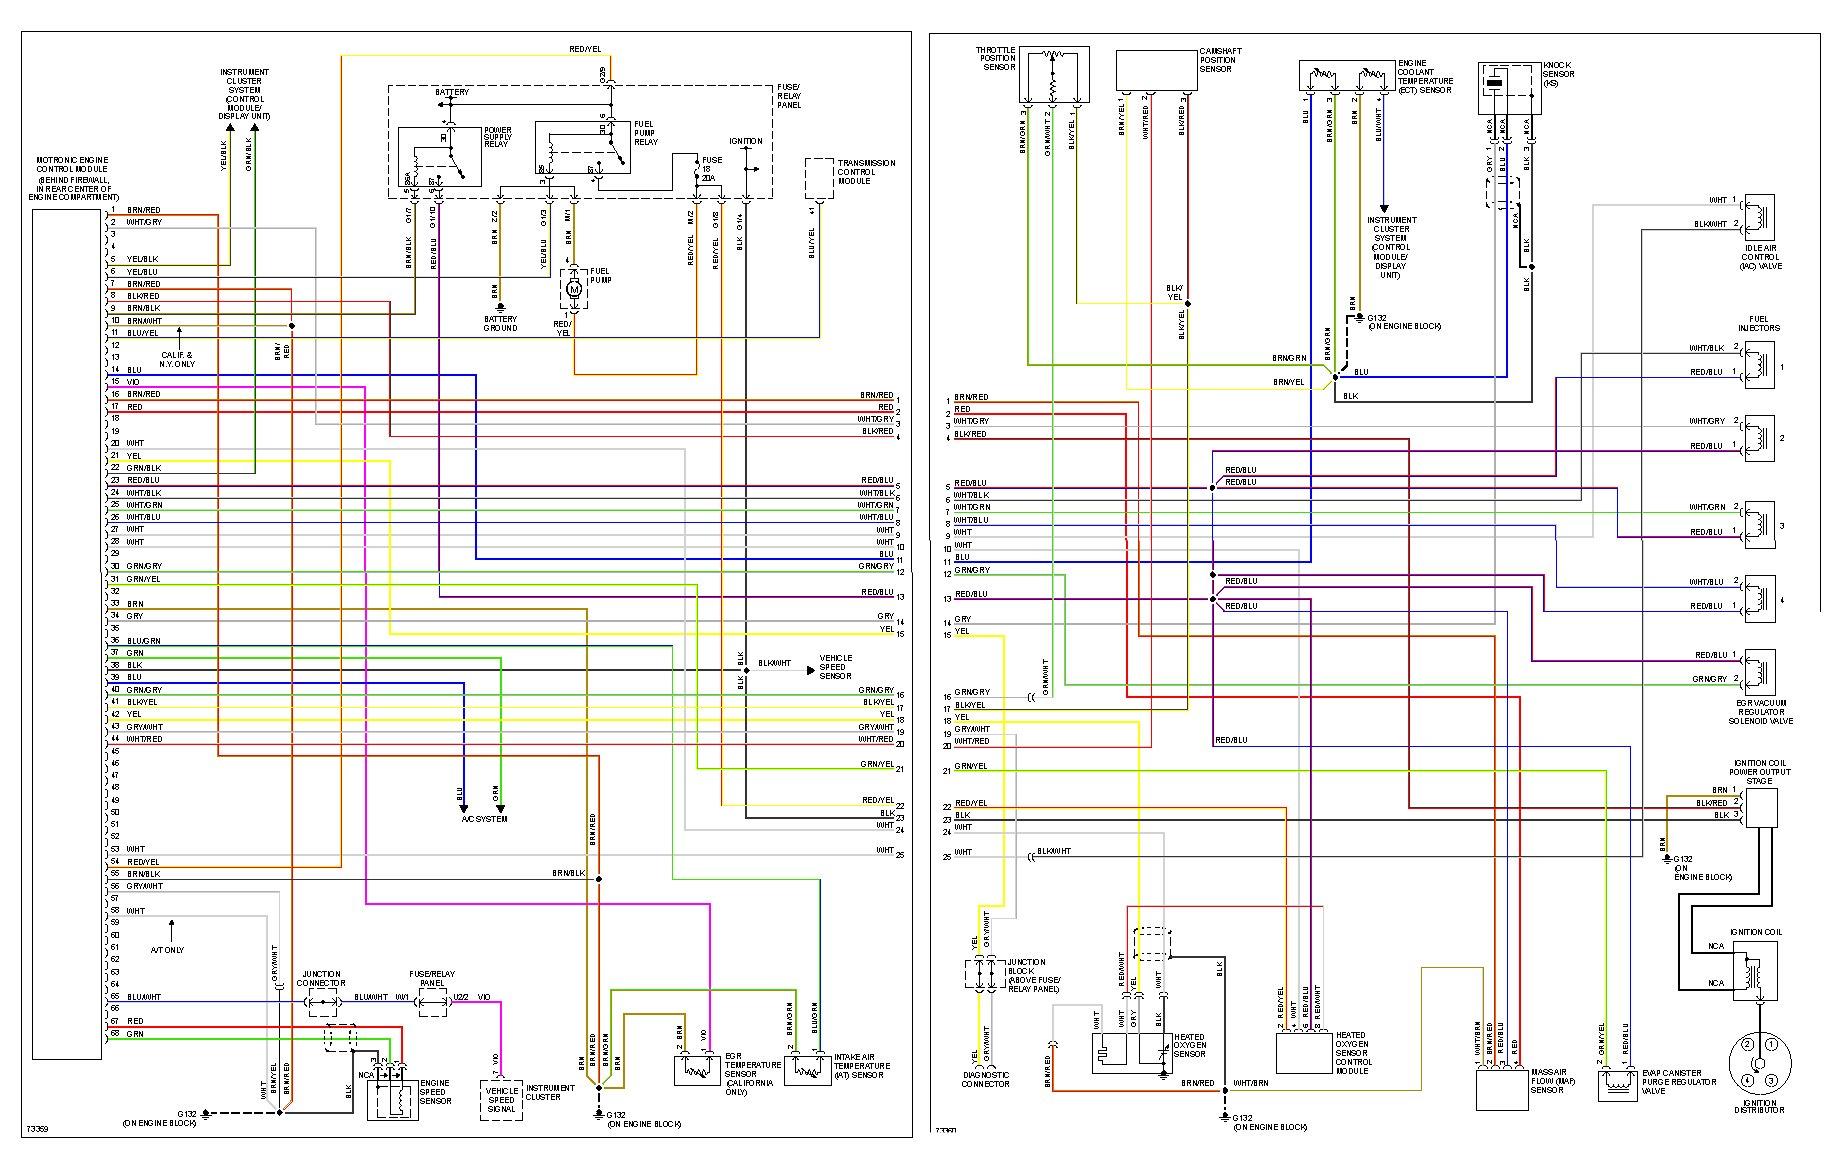 nissan qr20 wiring diagram - knob and tube switch wiring diagram -  podewiring.tukune.jeanjaures37.fr  wiring diagram resource